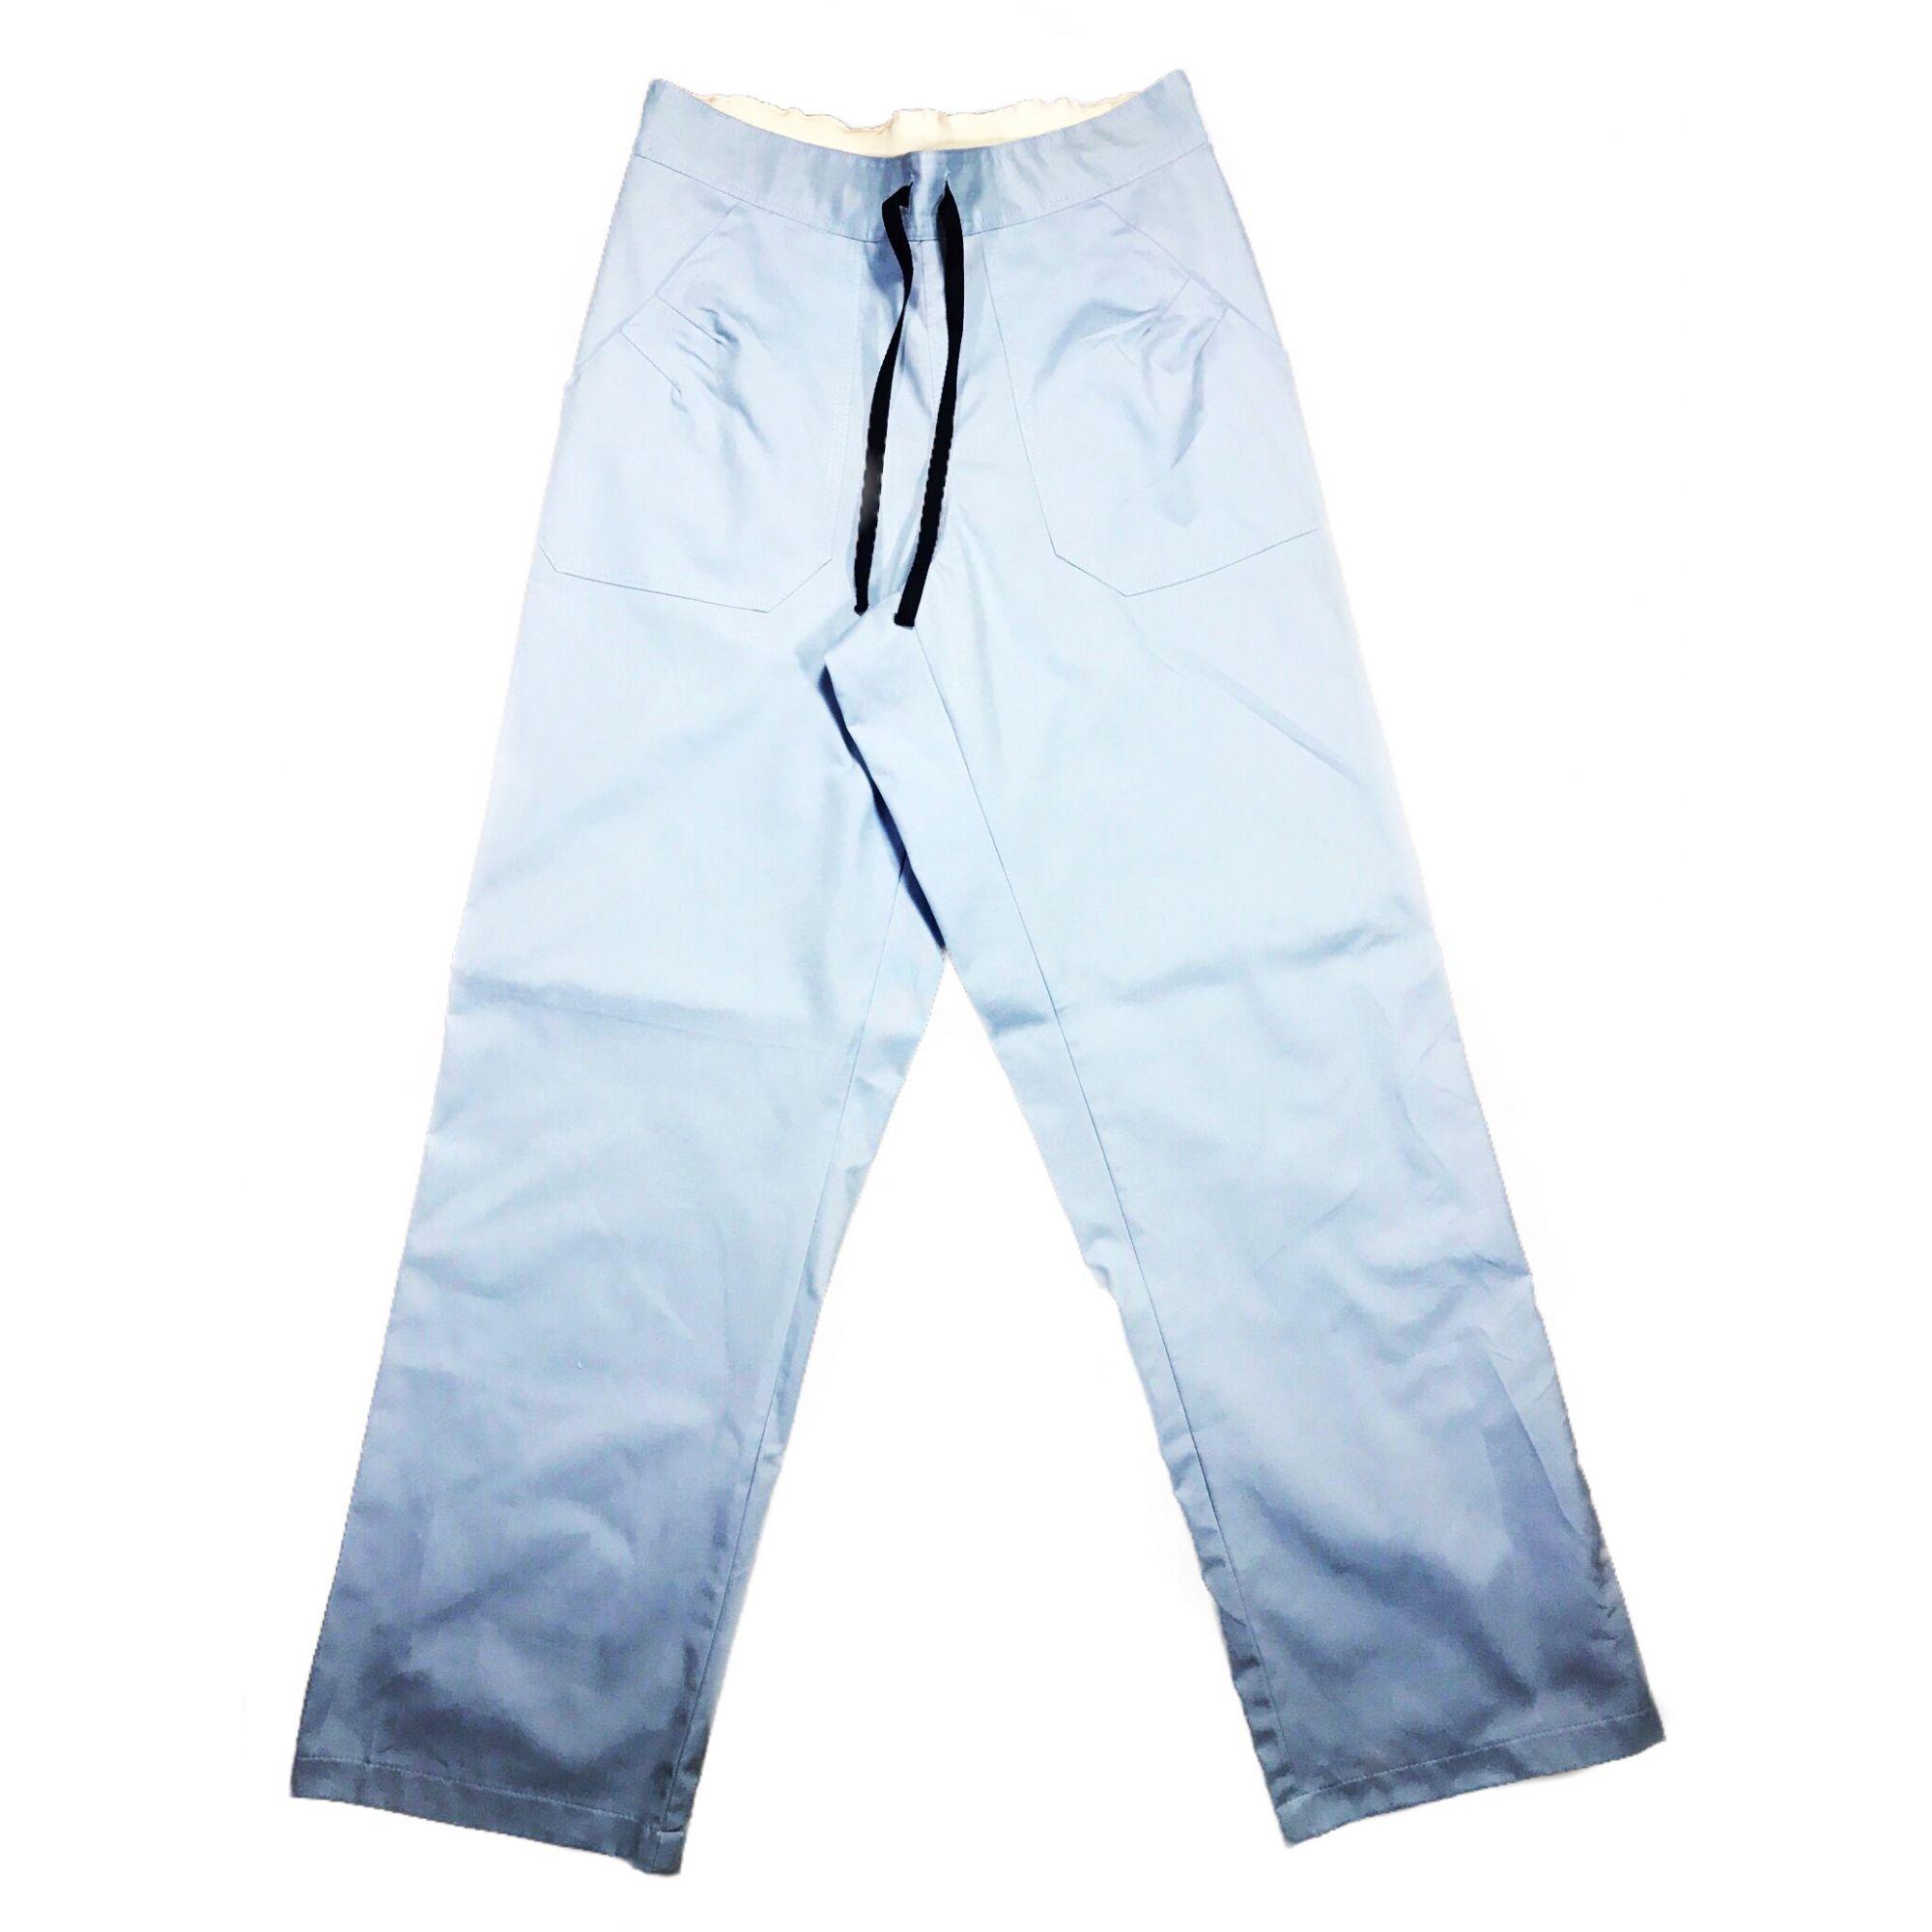 Calça Anatomys UNISEX AzuL com dois bolsos na frente e dois atrás e cordão AZUL Tecido Sarja 100% Algodão